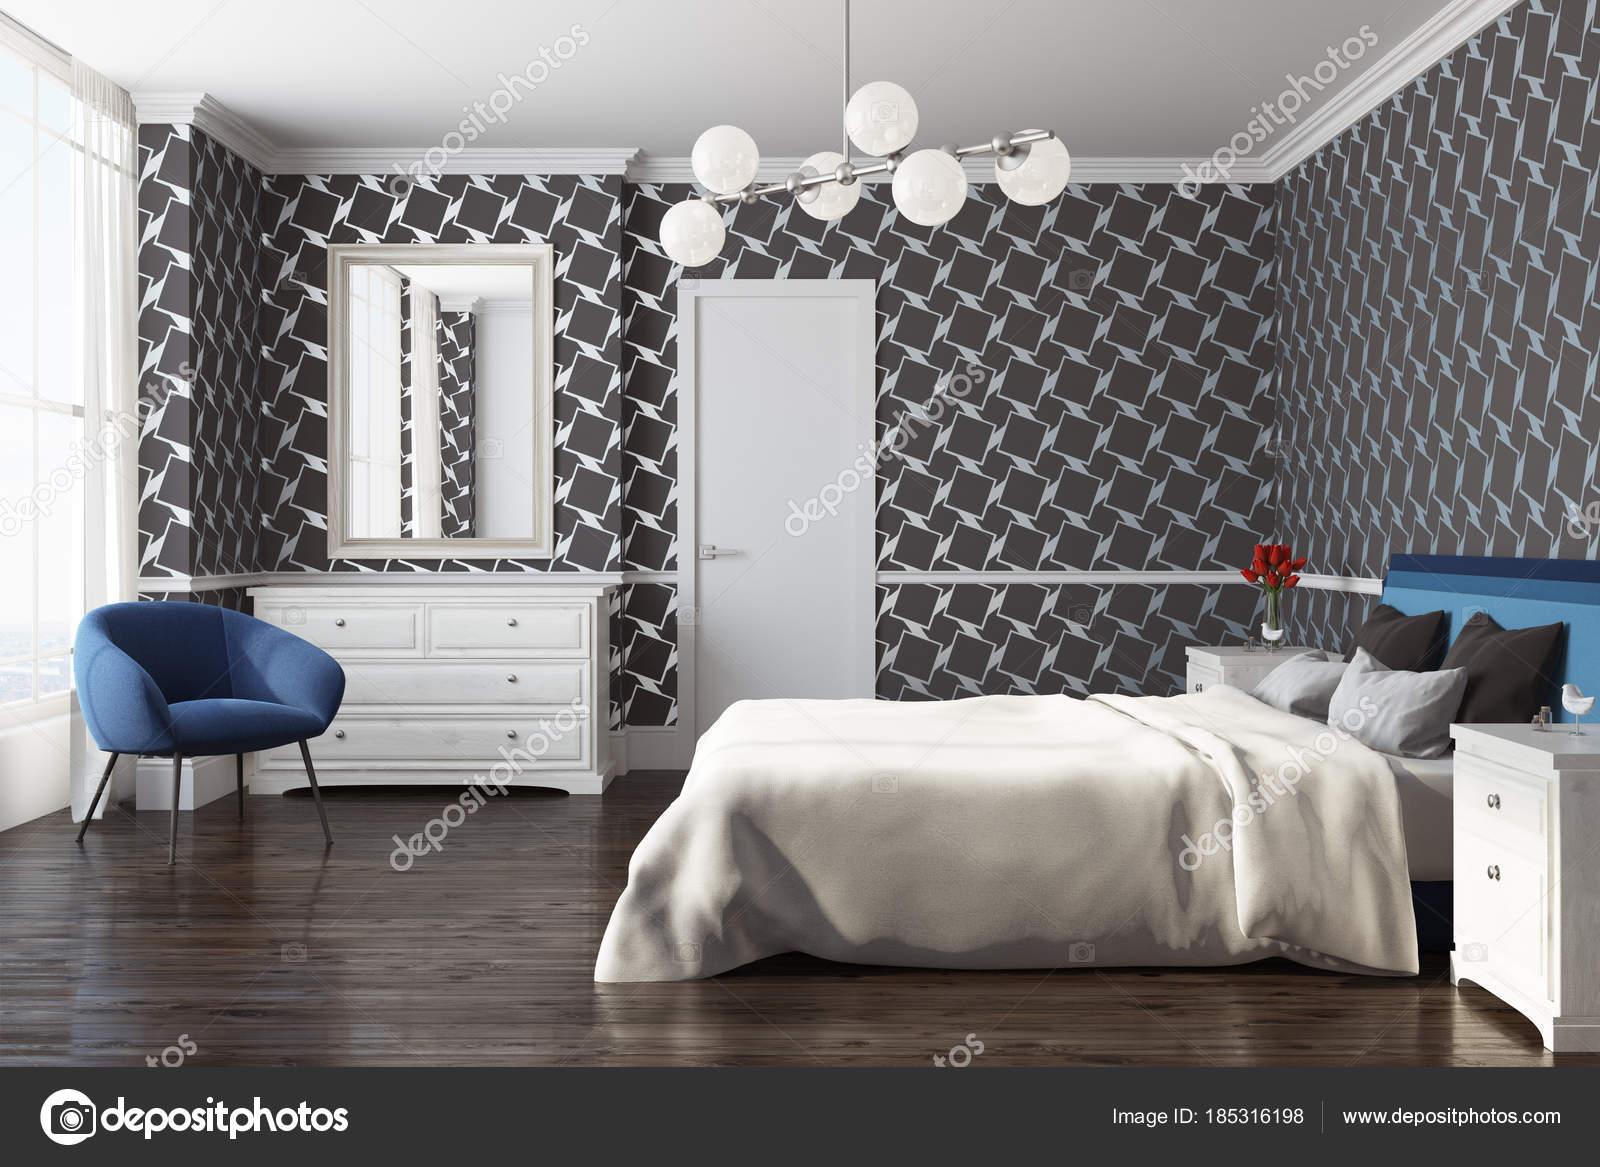 Schwarze Muster Schlafzimmer, Sessel, Seitenansicht — Stockfoto ...